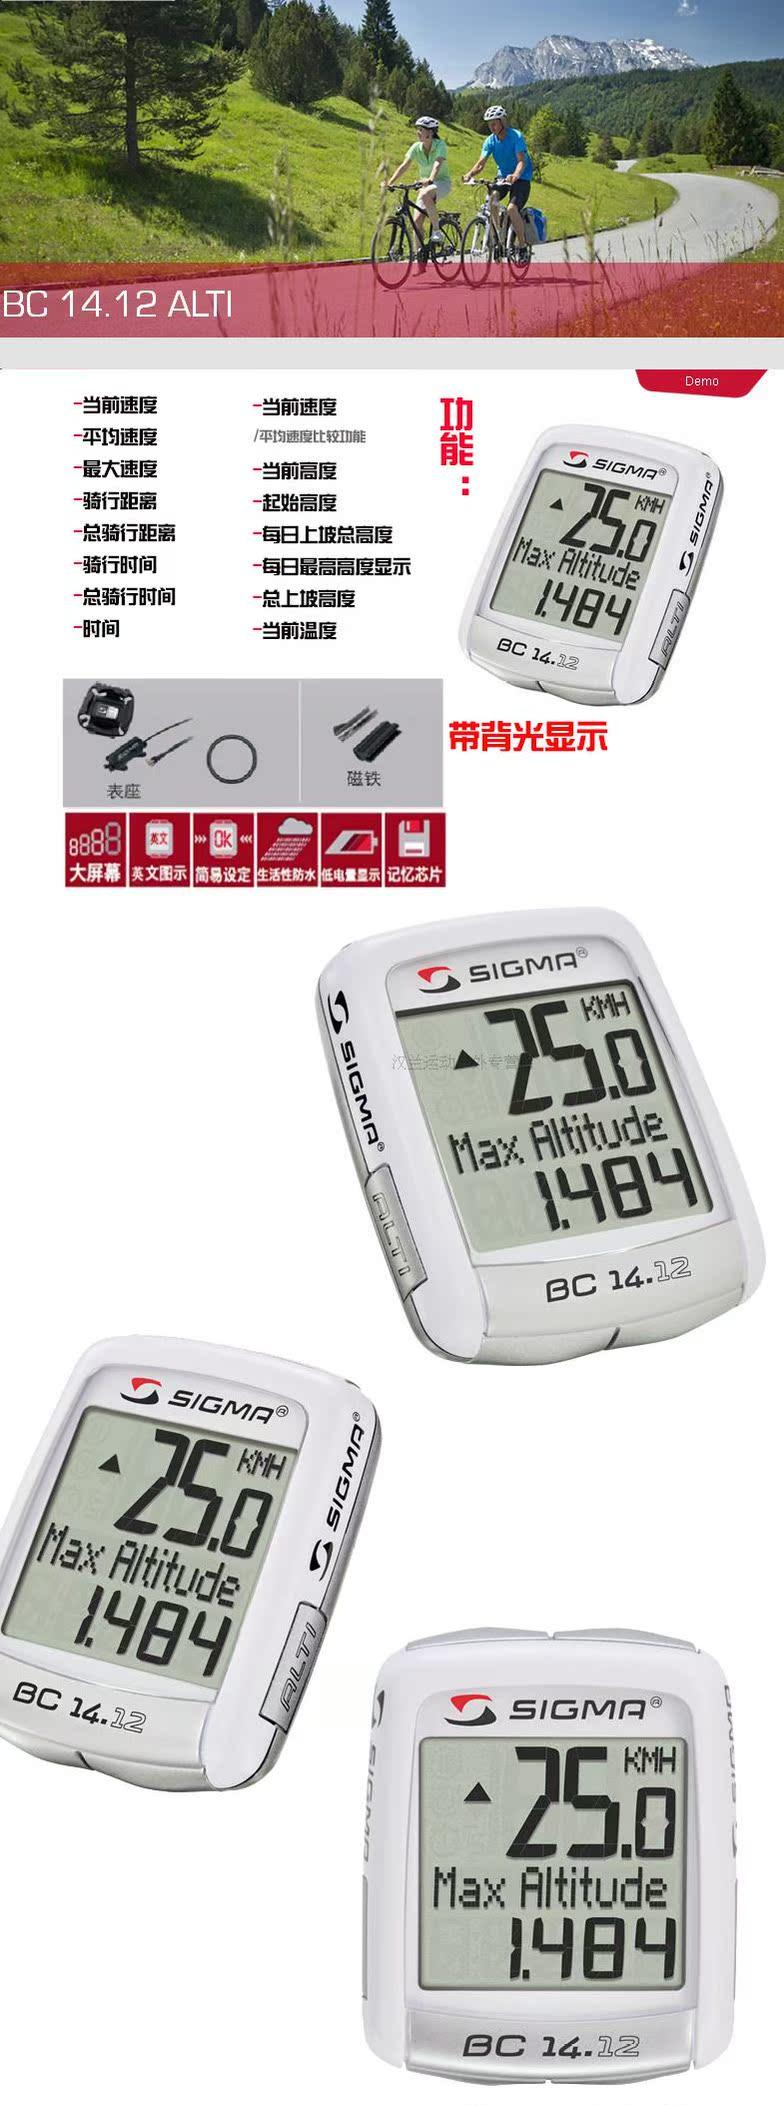 Compteur de vélo SIGMA - Ref 2426769 Image 6